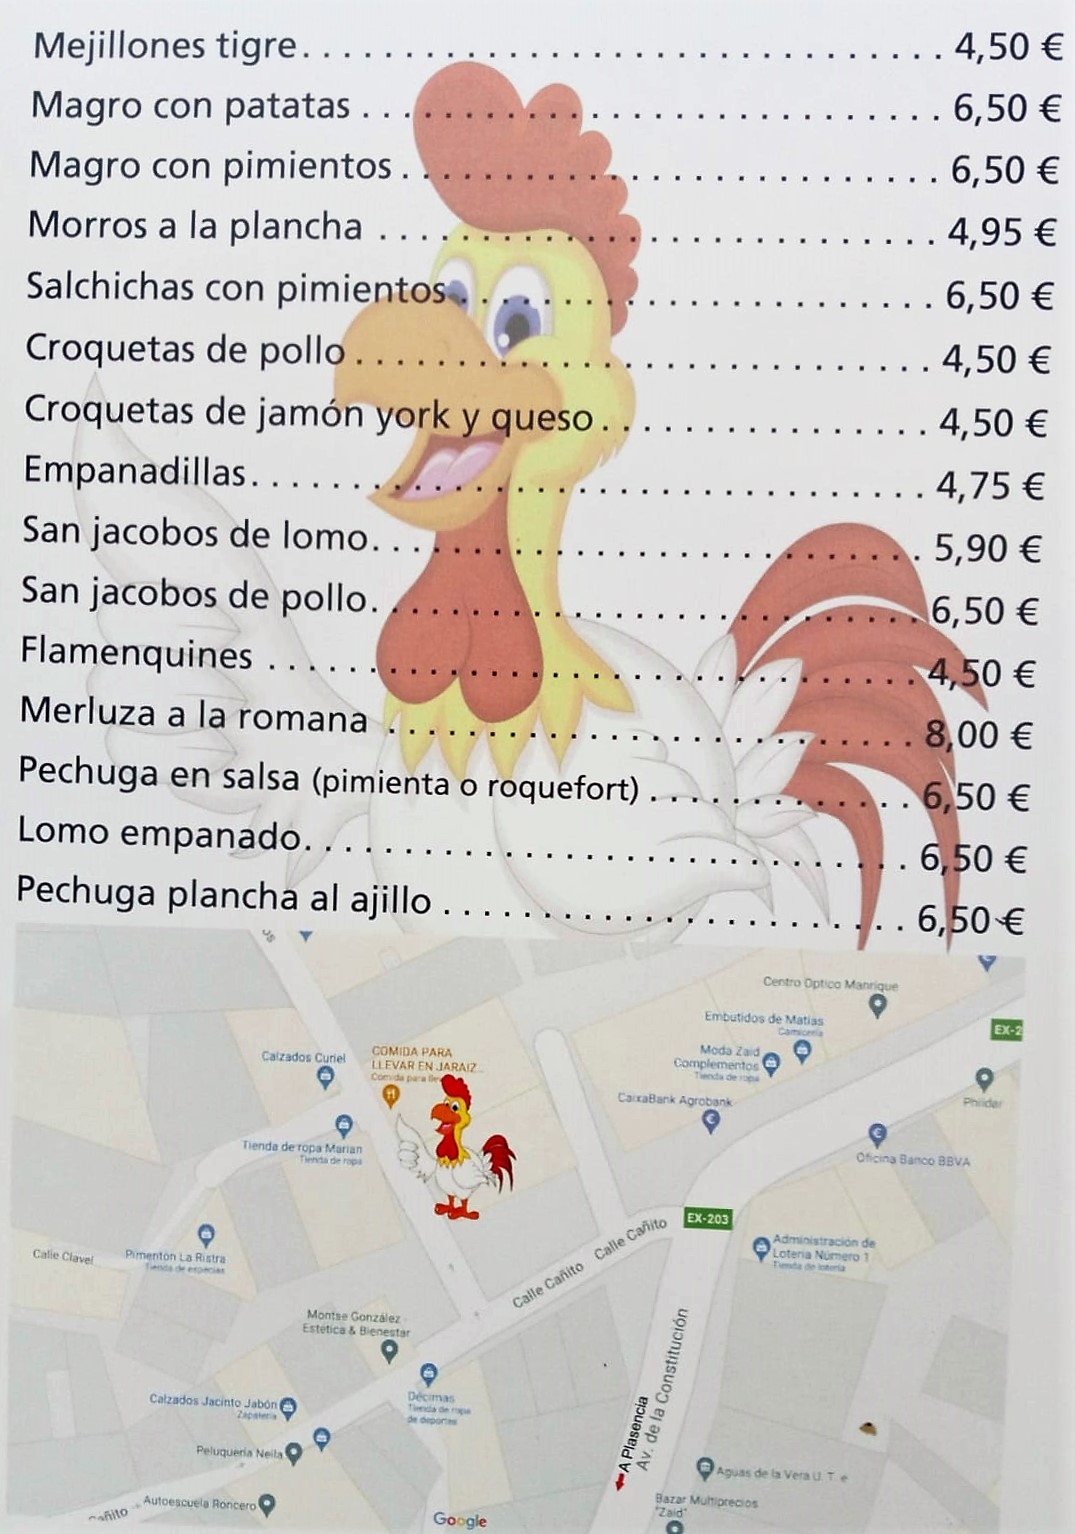 Asador de pollos en la Vera Jaraiz Pollos La vera